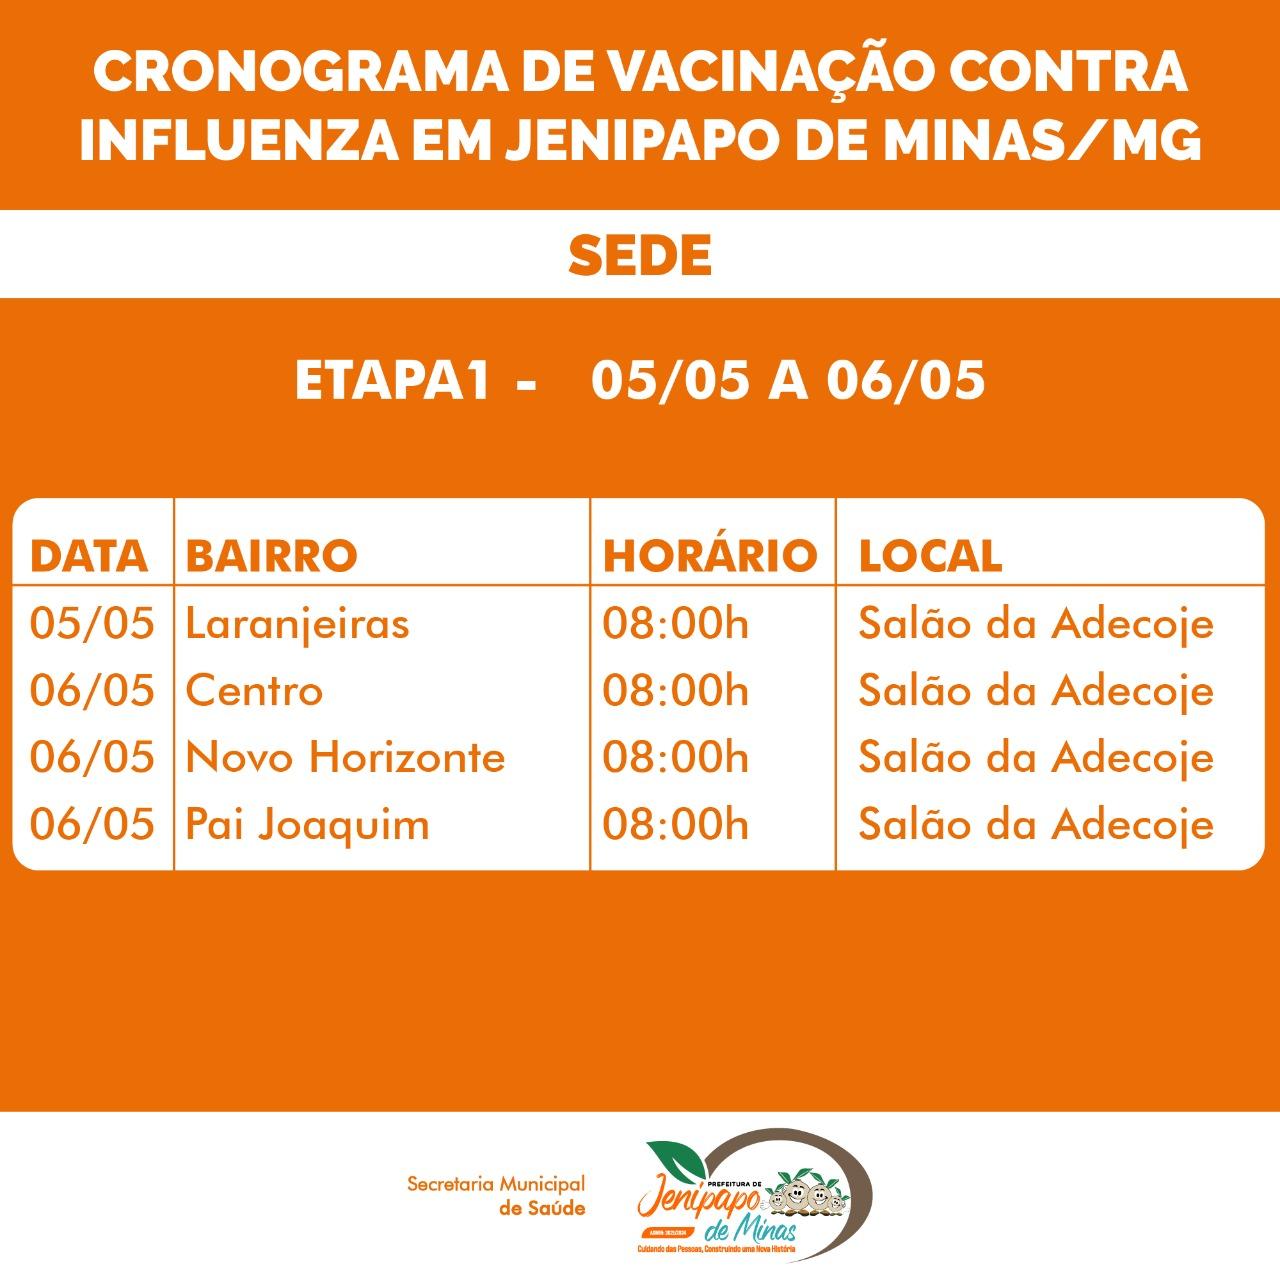 CRONOGRAMA DE VACINAÇÃO CONTRA INFLUENZA EM JENIPAPO...